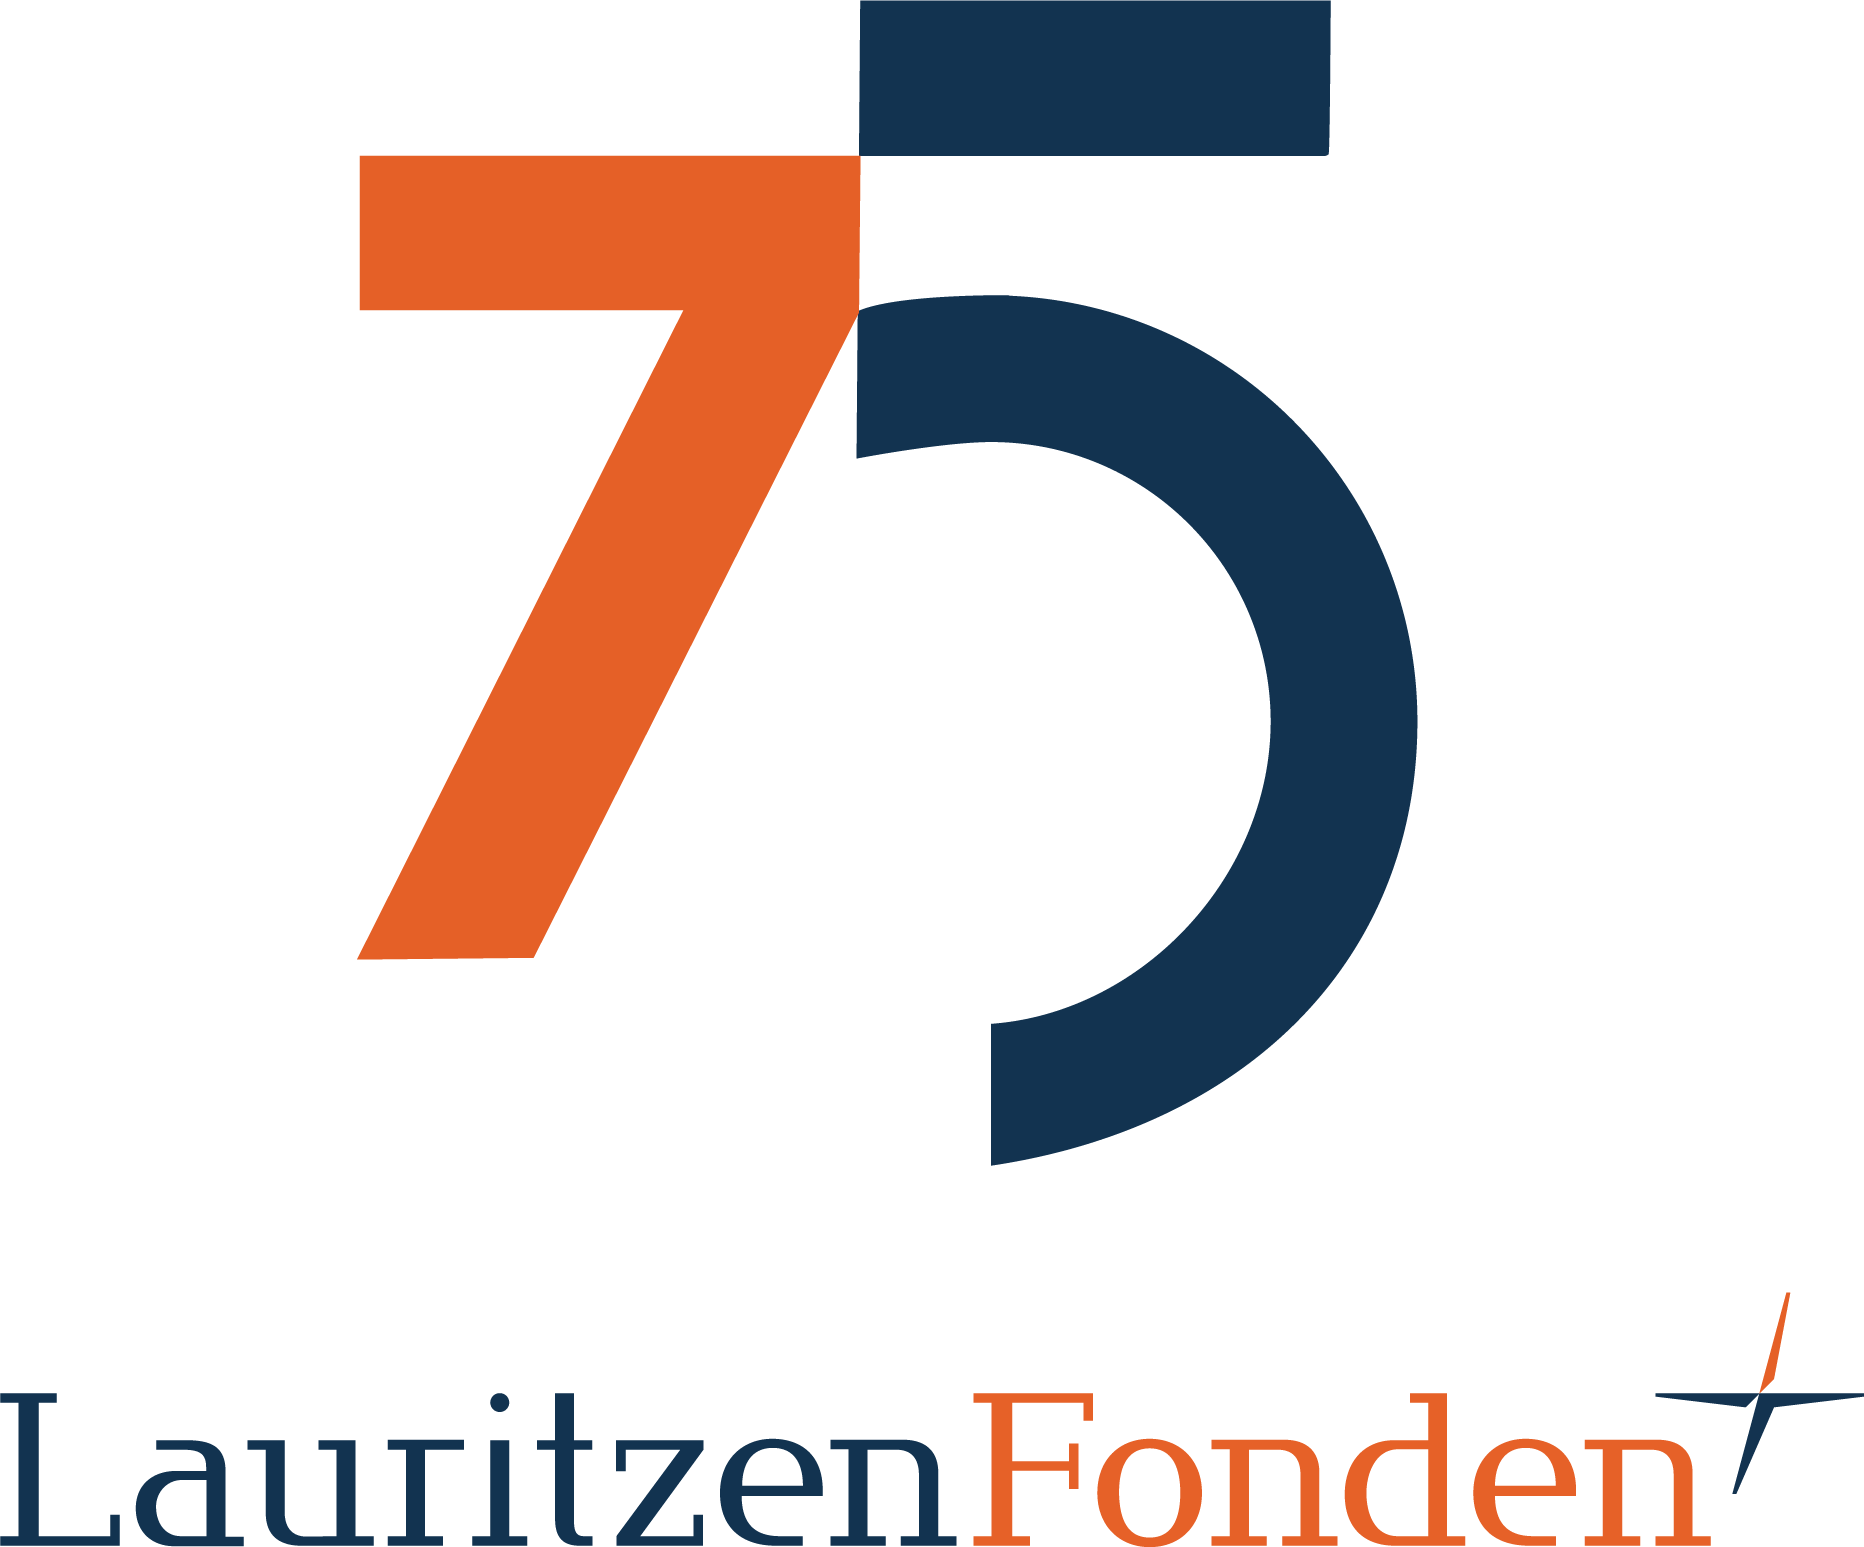 Lauritzen Fonden